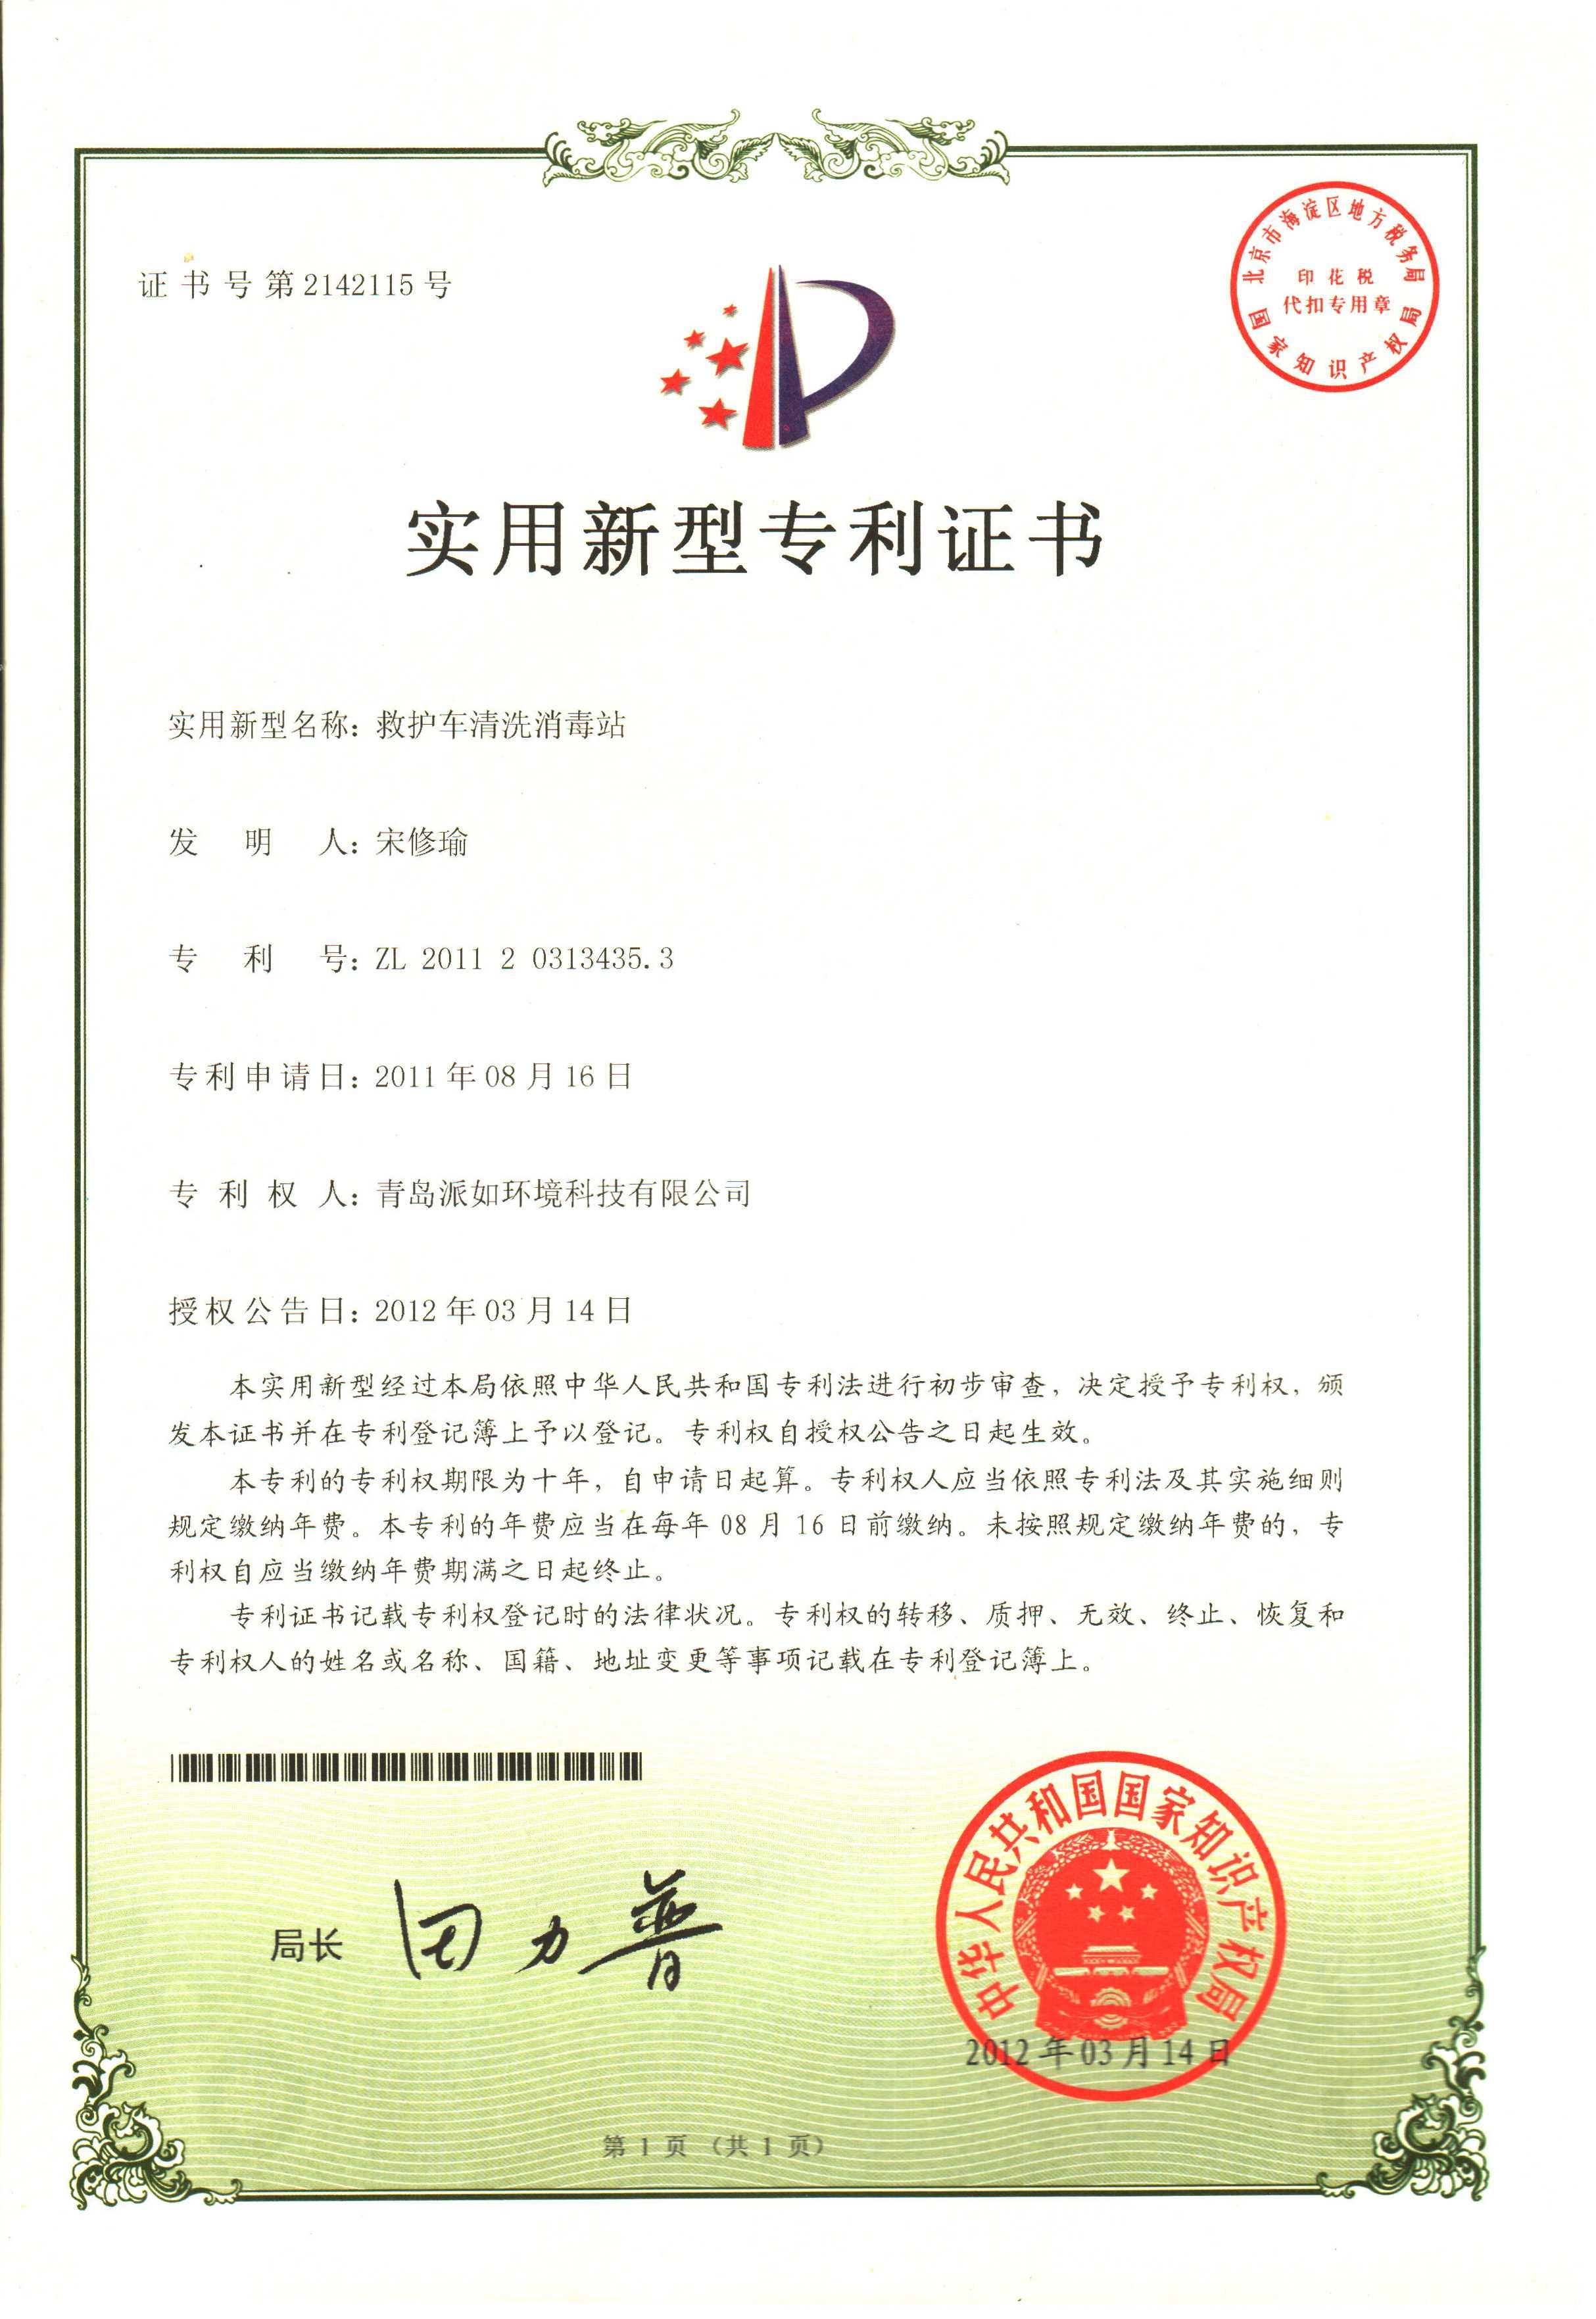 救护车清晰消毒站专利